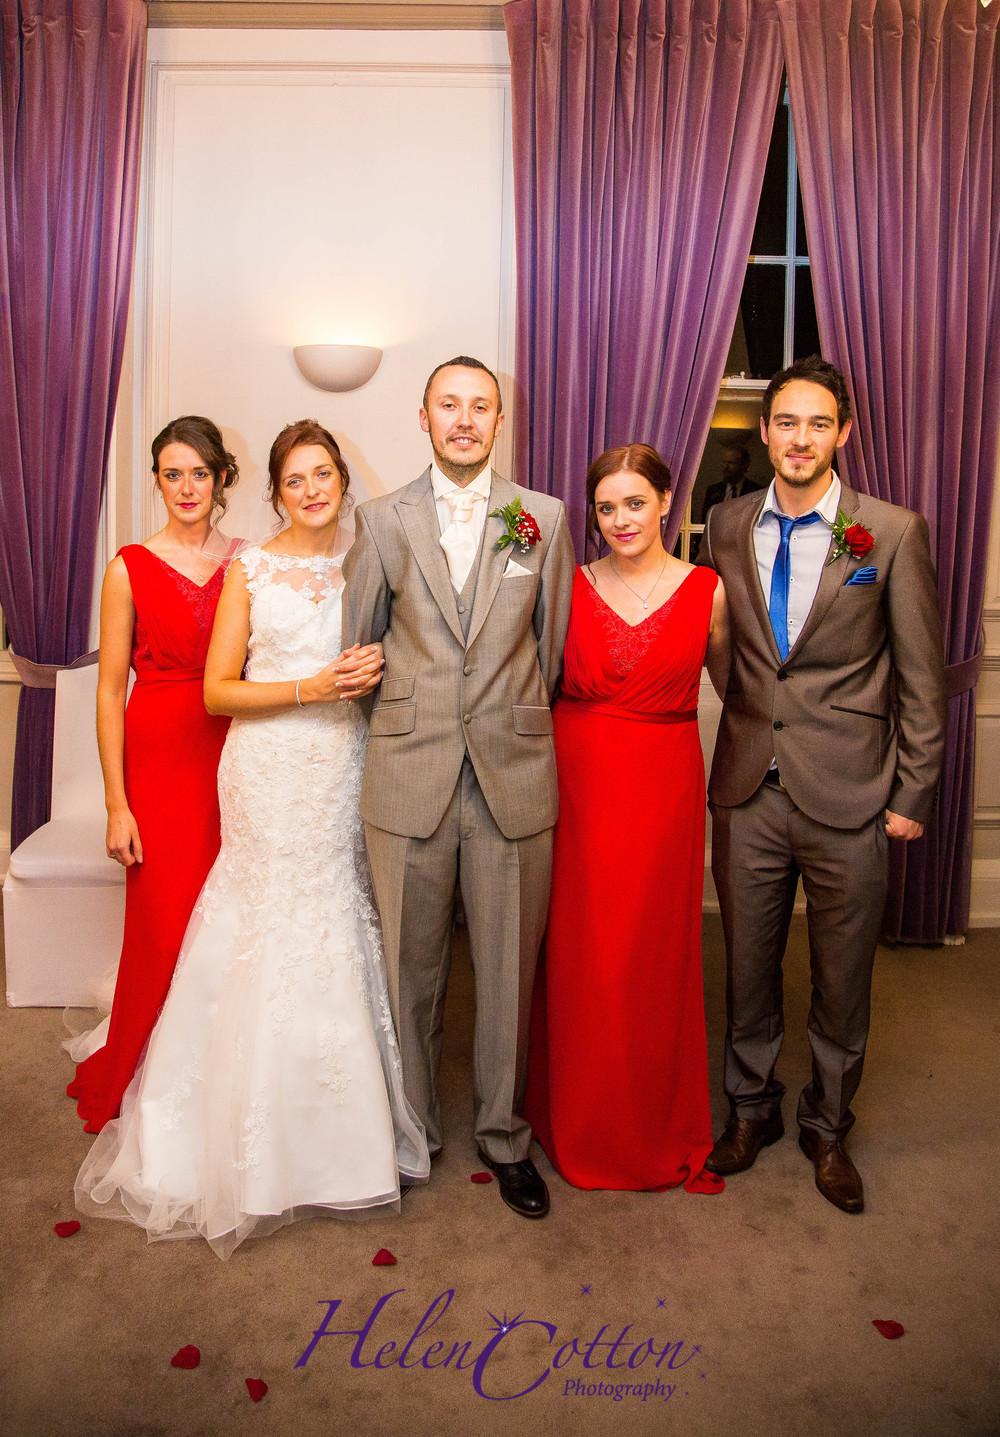 BECKY & MATT'S WEDDING_Helen Cotton Photography©-0176.JPG